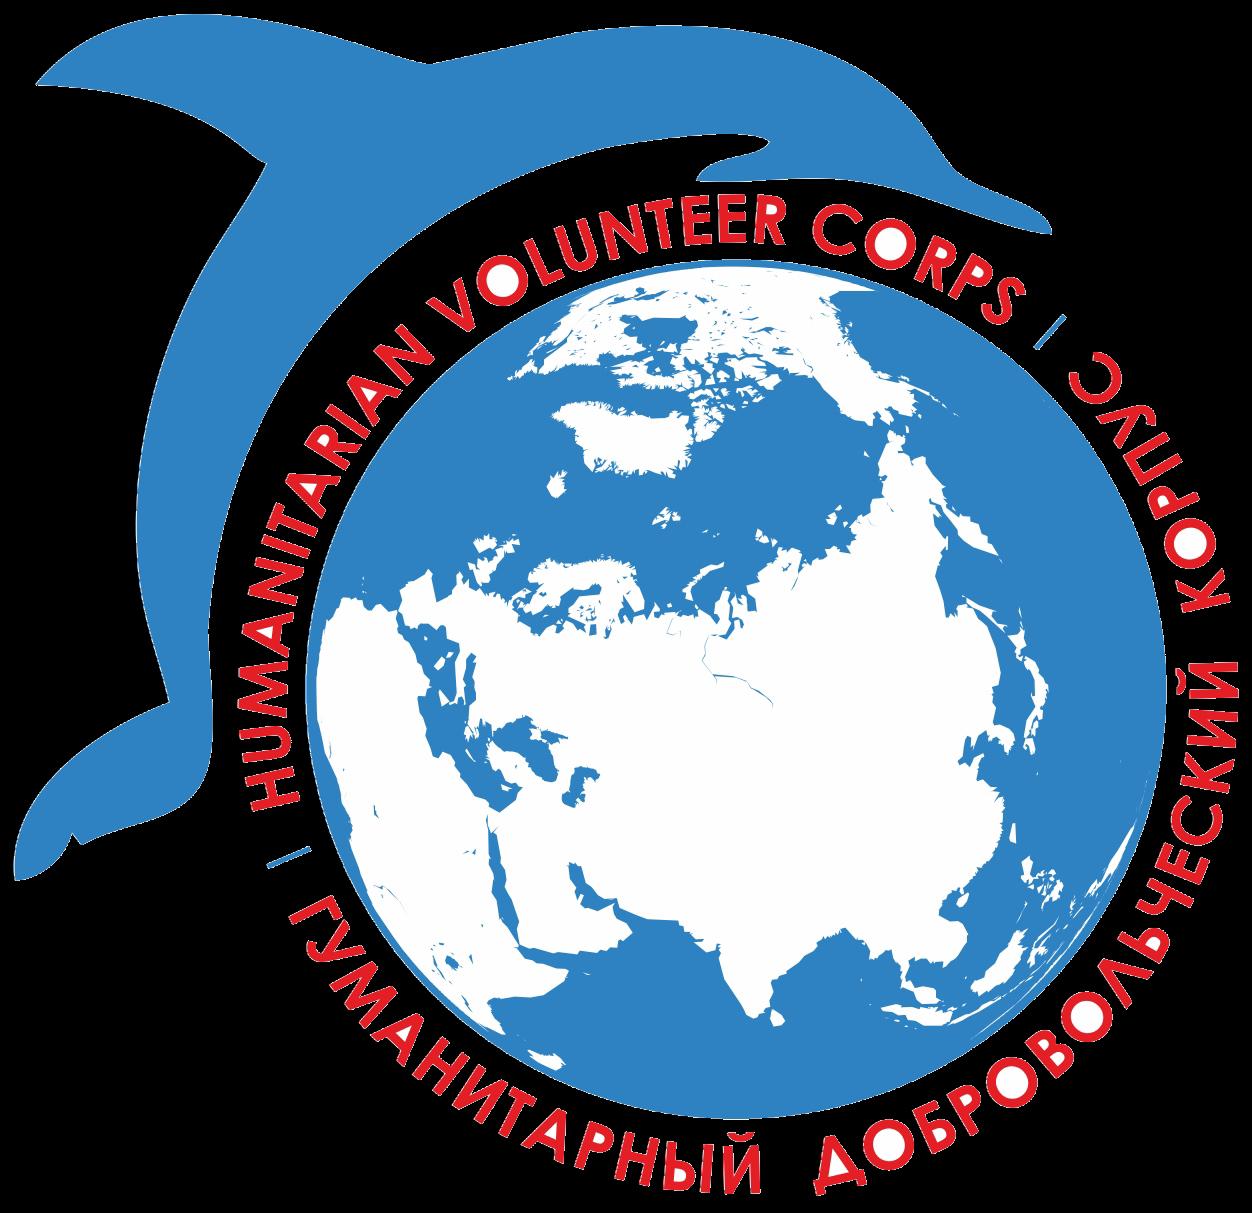 АНО гуманитарный добровольческий корпус